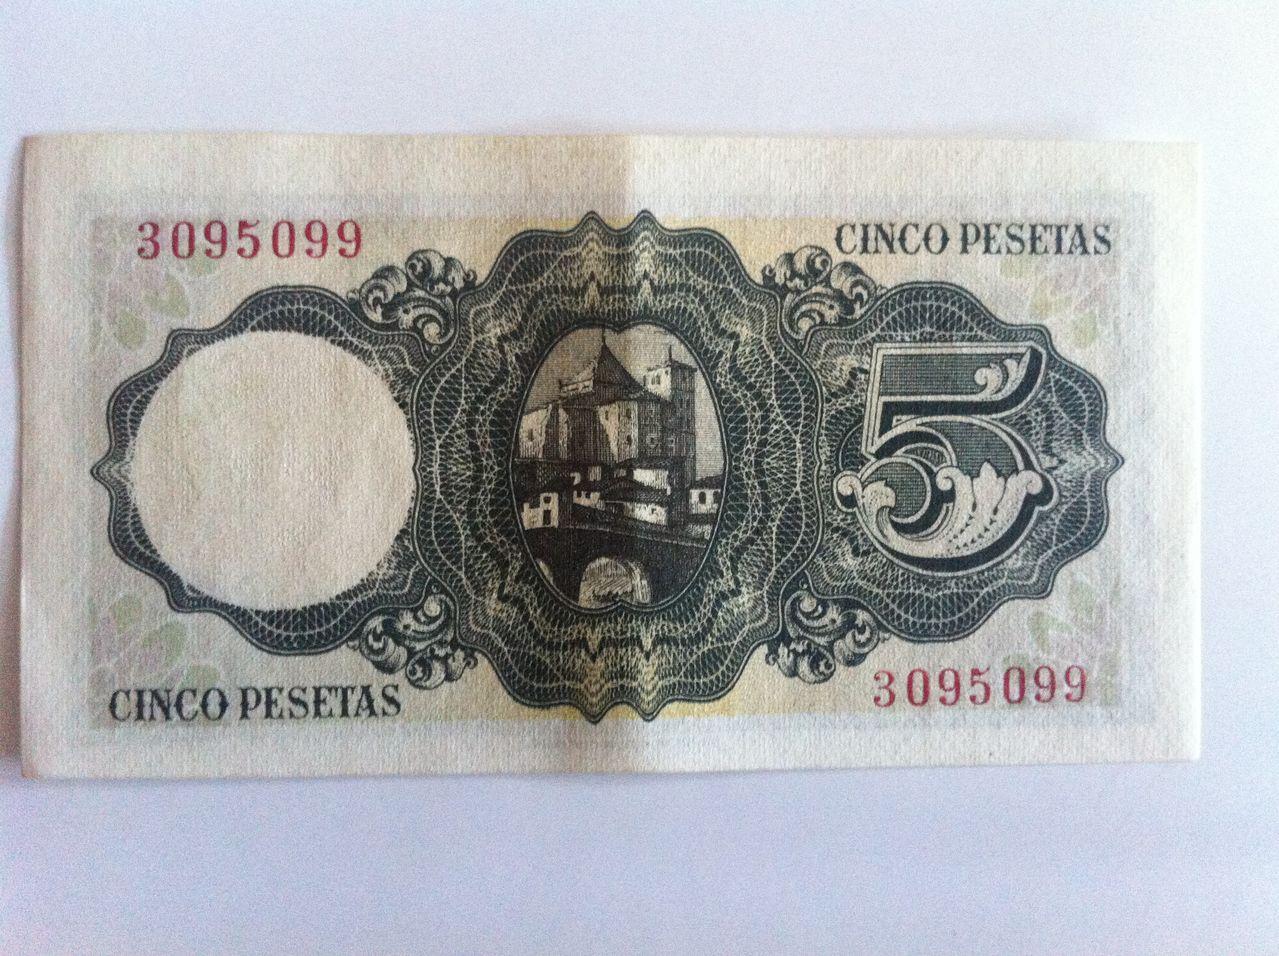 Ayuda para valorar coleccion de billetes IMG_4953